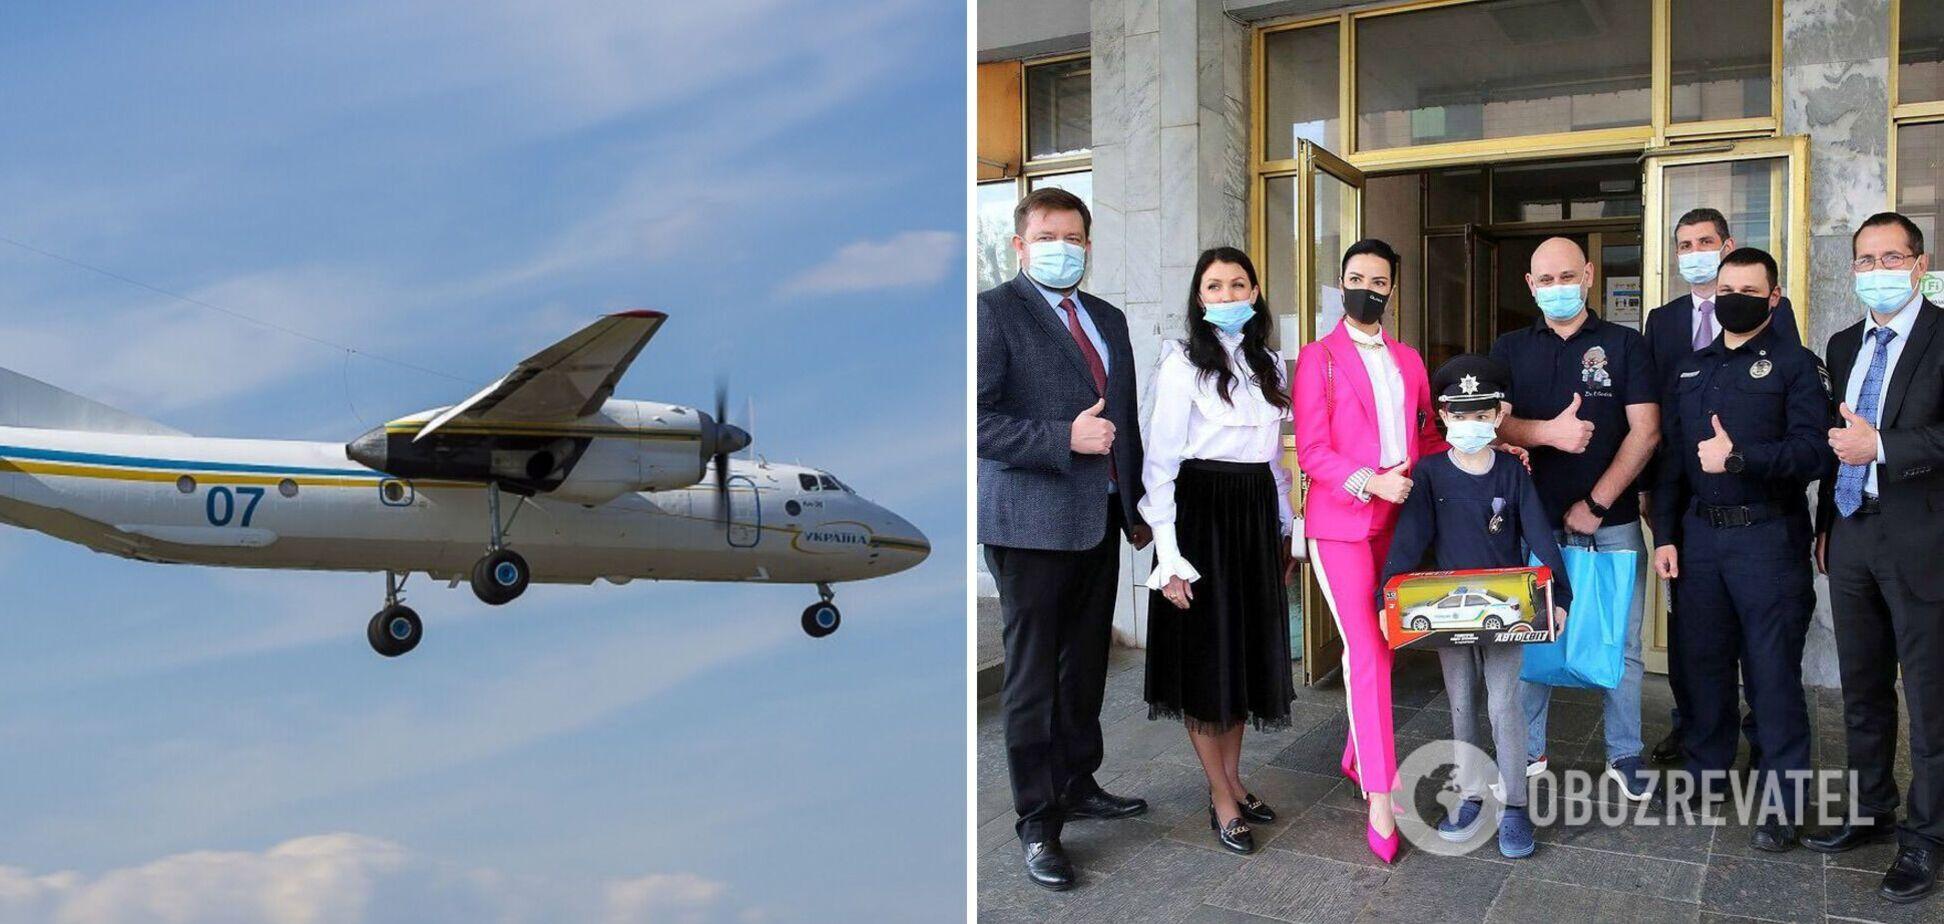 В Украине второй раз пересадили почку ребенку от неродственного донора: орган доставила авиация Нацгвардии